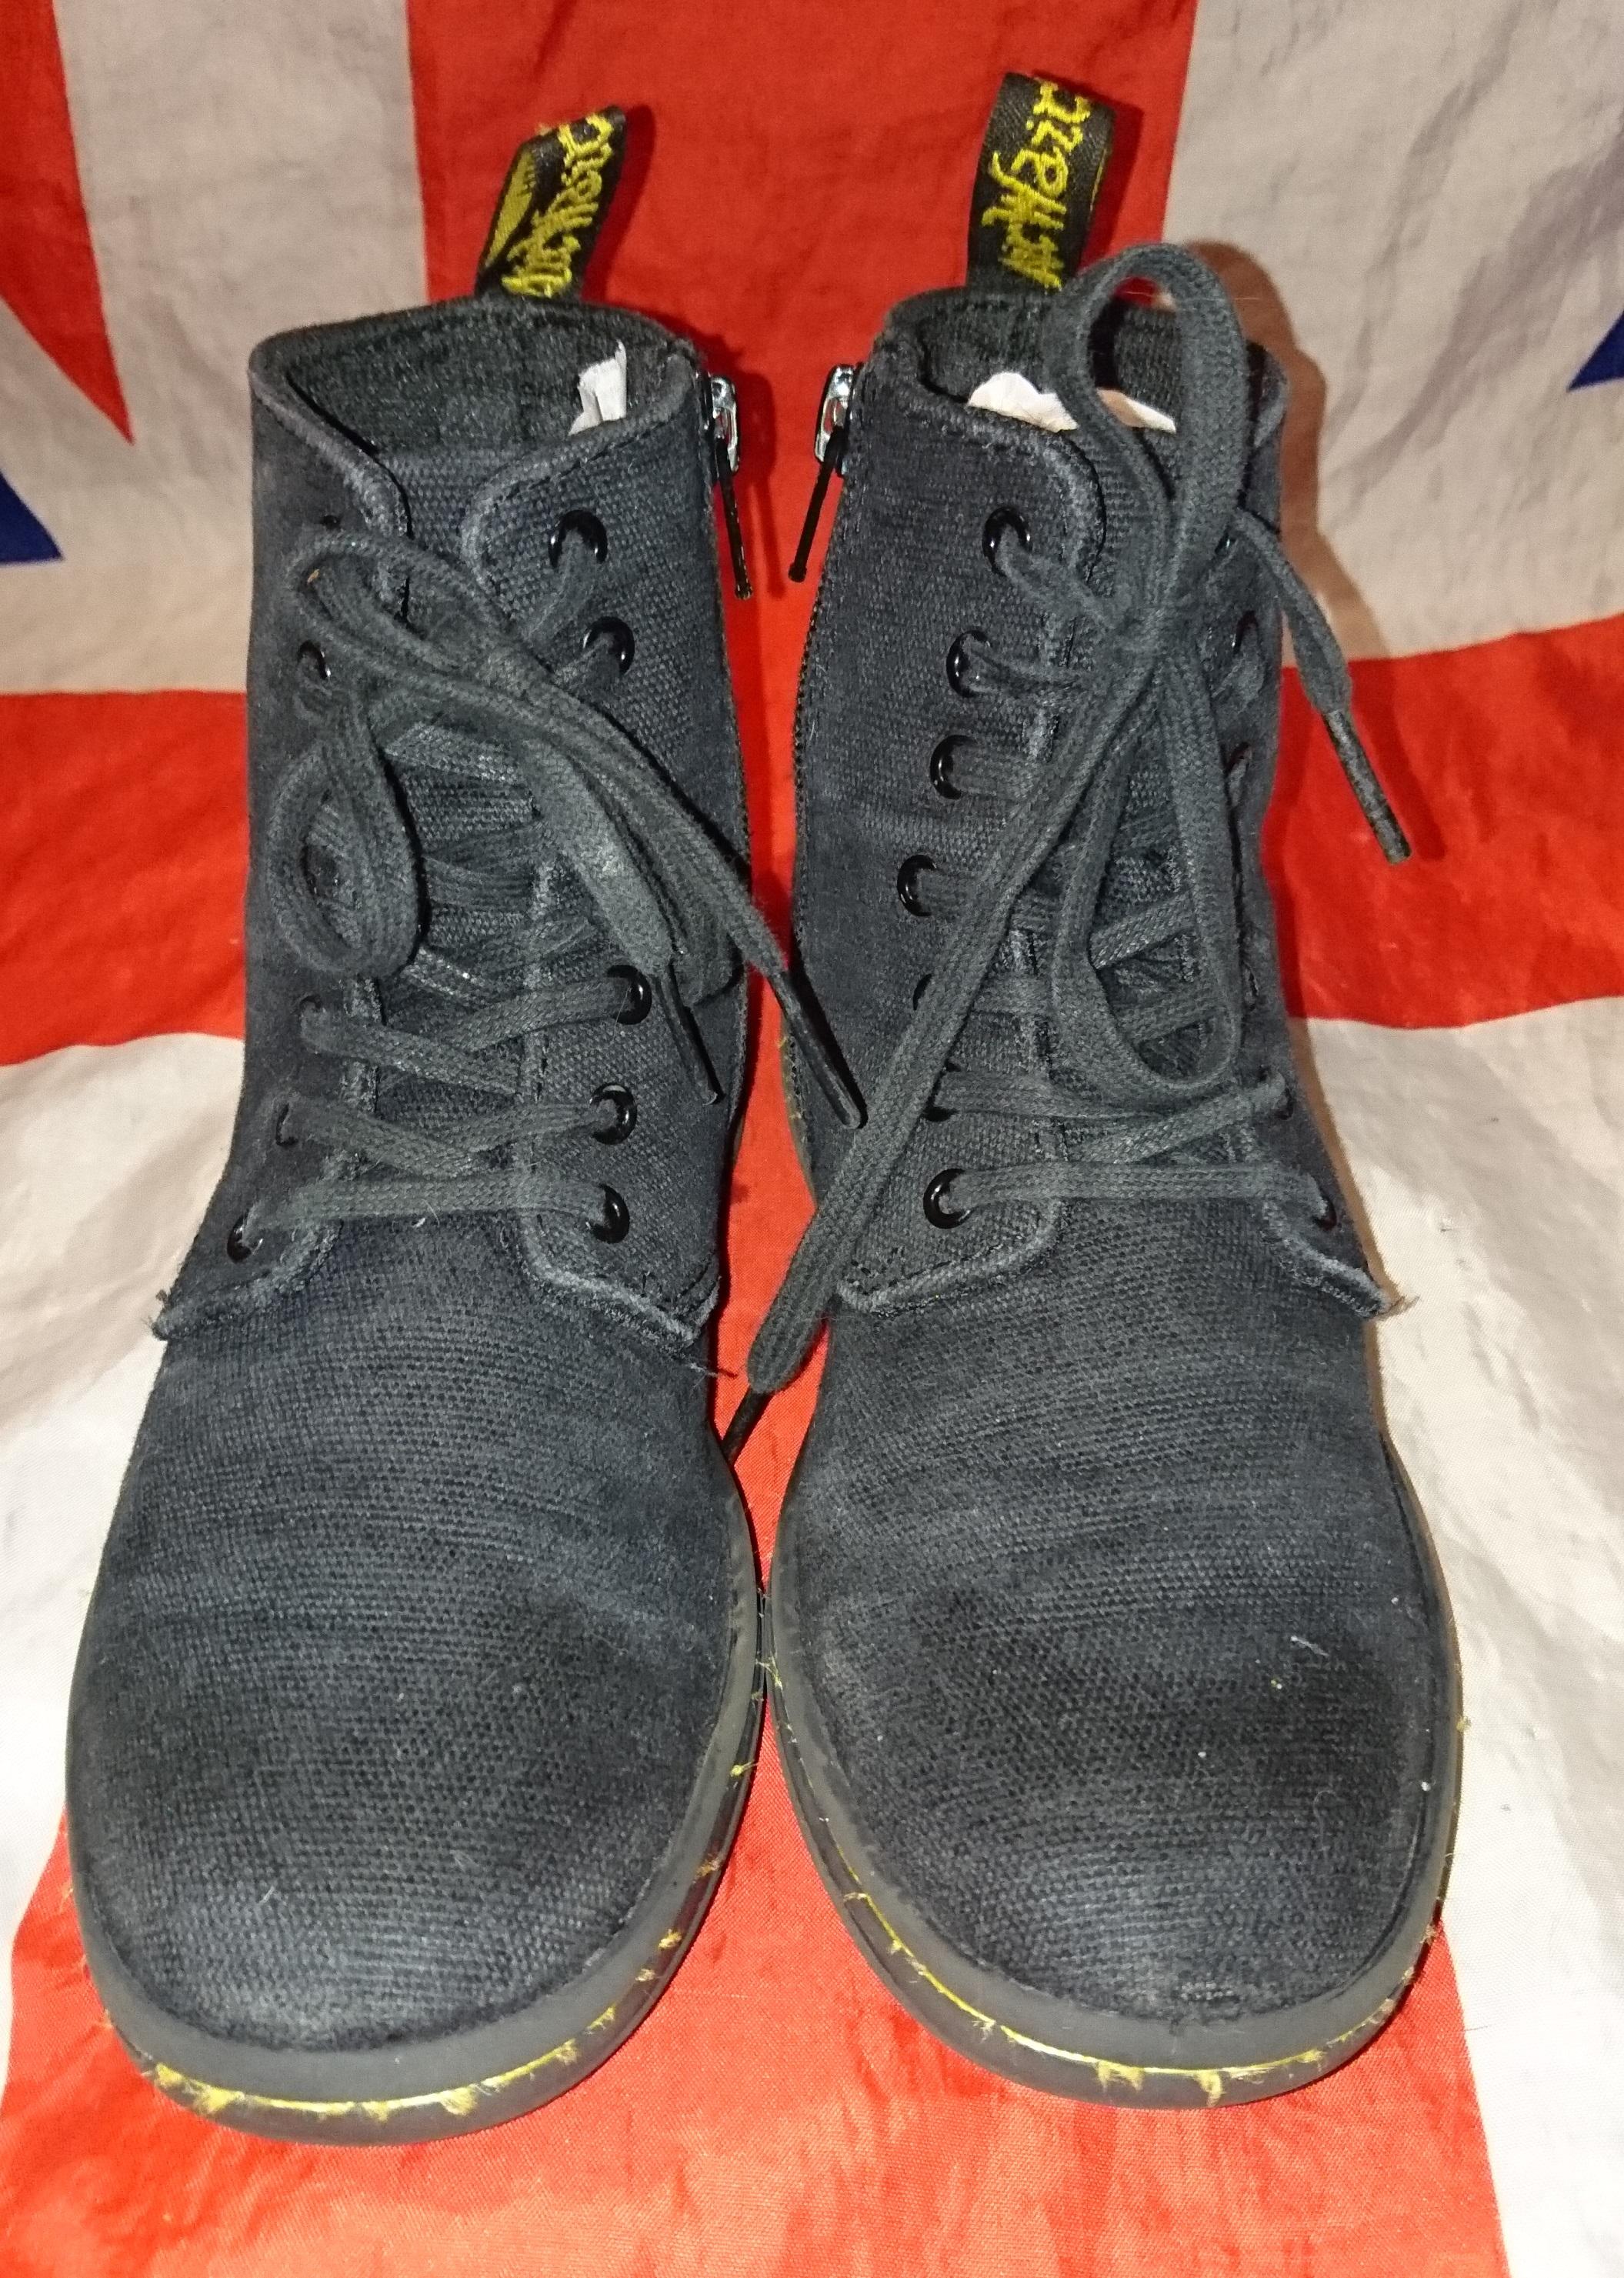 Kids Marley Black Canvas Childrens Dr Doc Martens Boots Vegan Grunge Punk UK 13 from Digital Docs